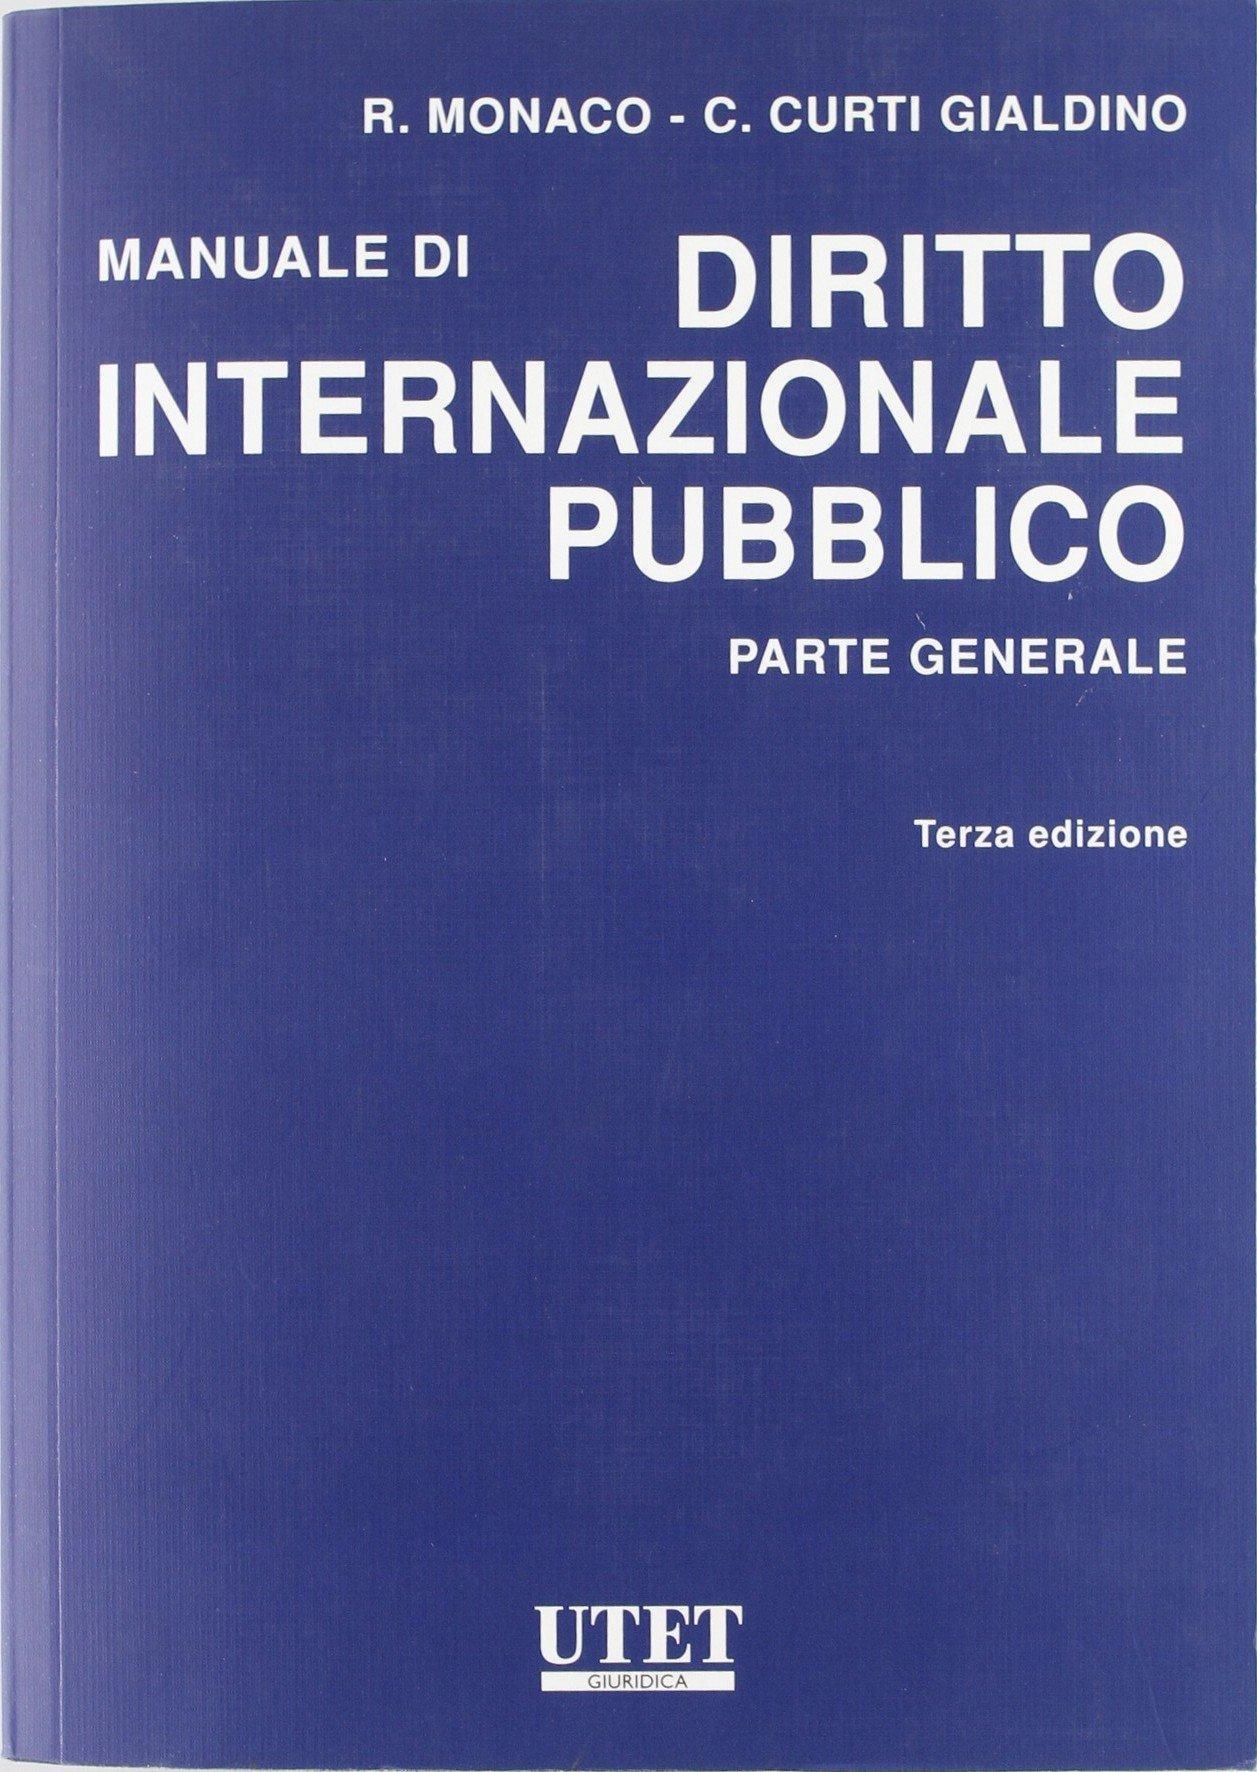 Manuale di diritto internazionale pubblico. Parte generale Copertina flessibile – 1 apr 2009 Riccardo Monaco Carlo Curti Gialdino Utet Giuridica 8859803721